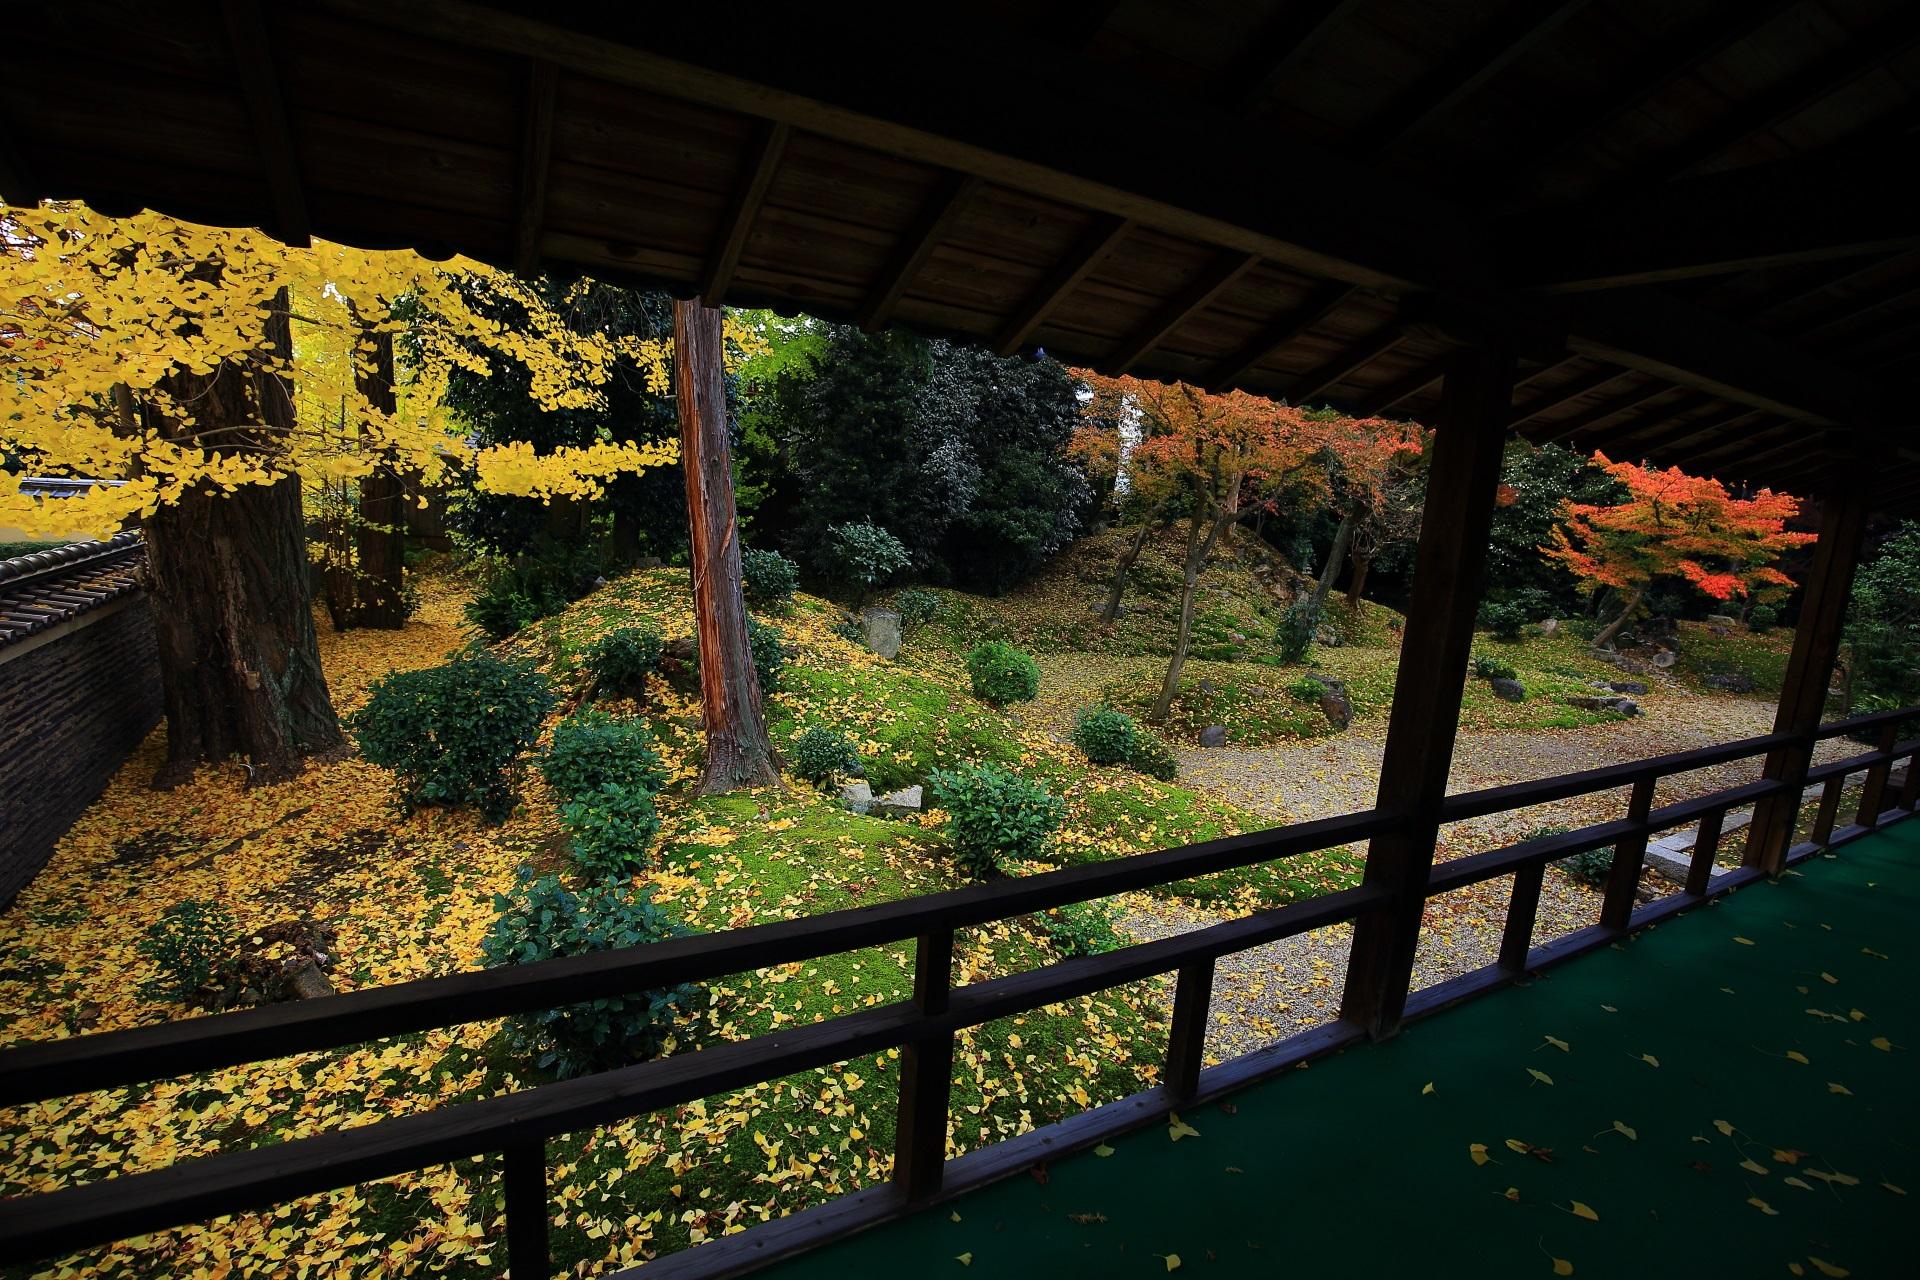 本堂と客殿の間の回廊から眺めた立本寺の見事な散り銀杏と紅葉